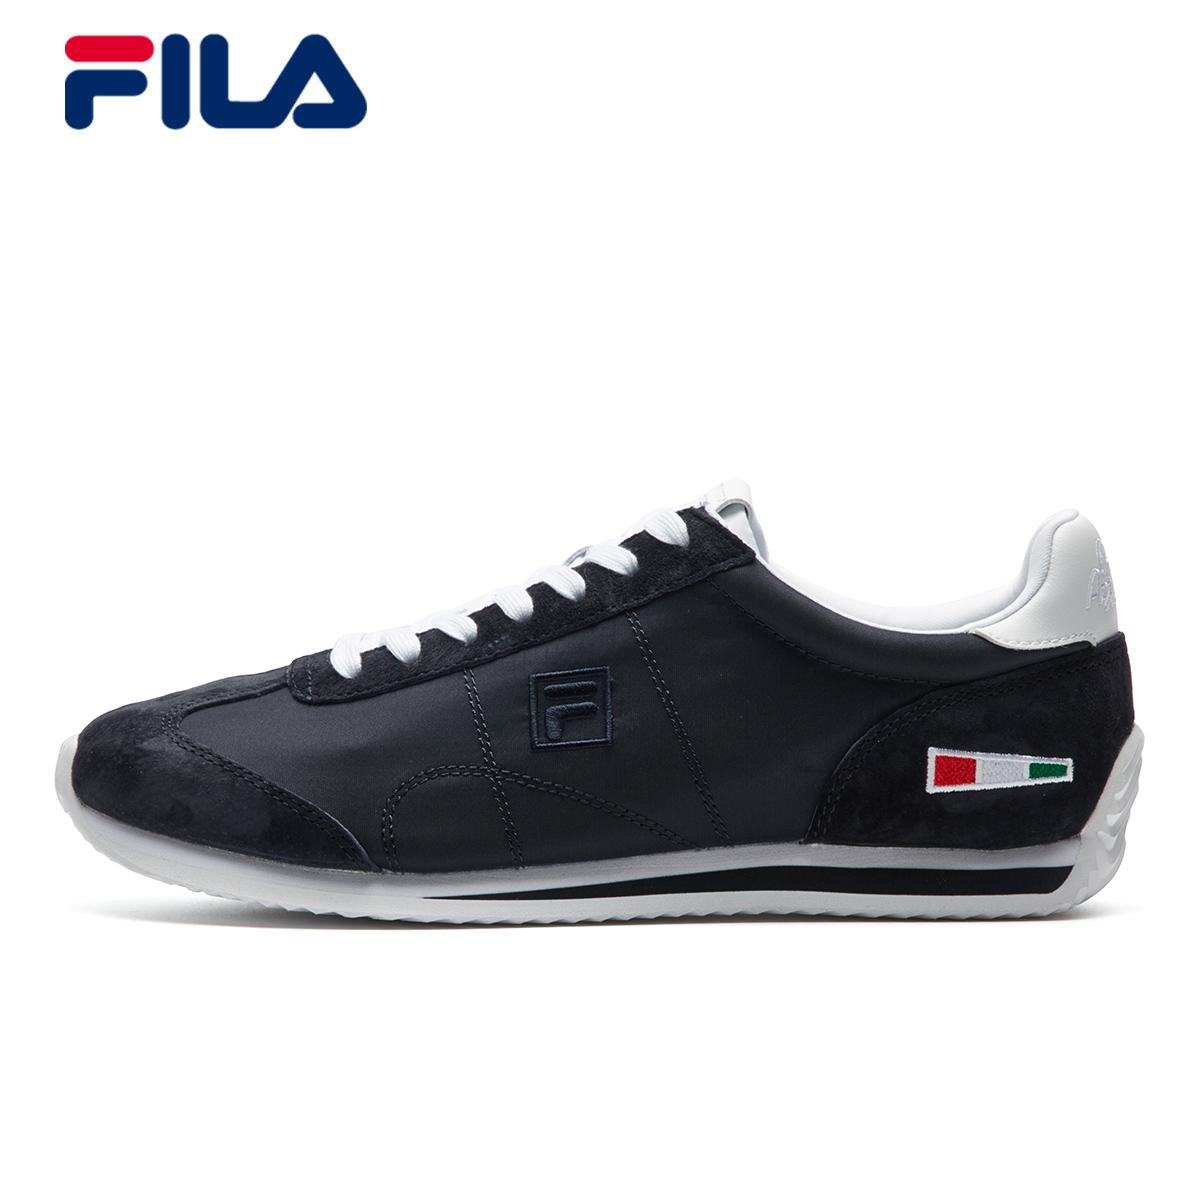 USD 180.00] FILA Phile Men's Shoes 2018